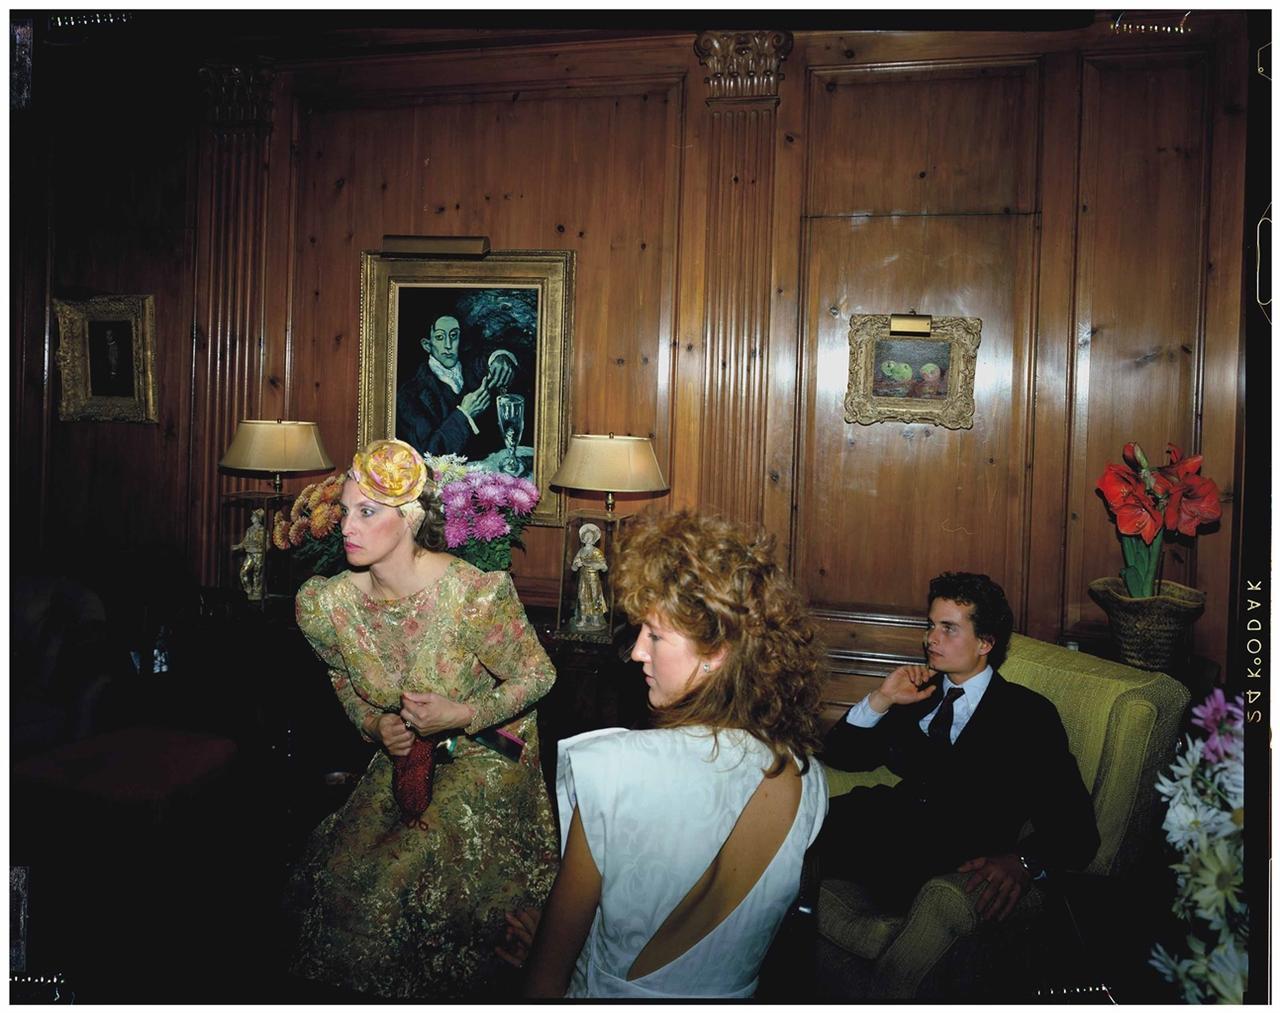 Tina Barney-The Reception-1985